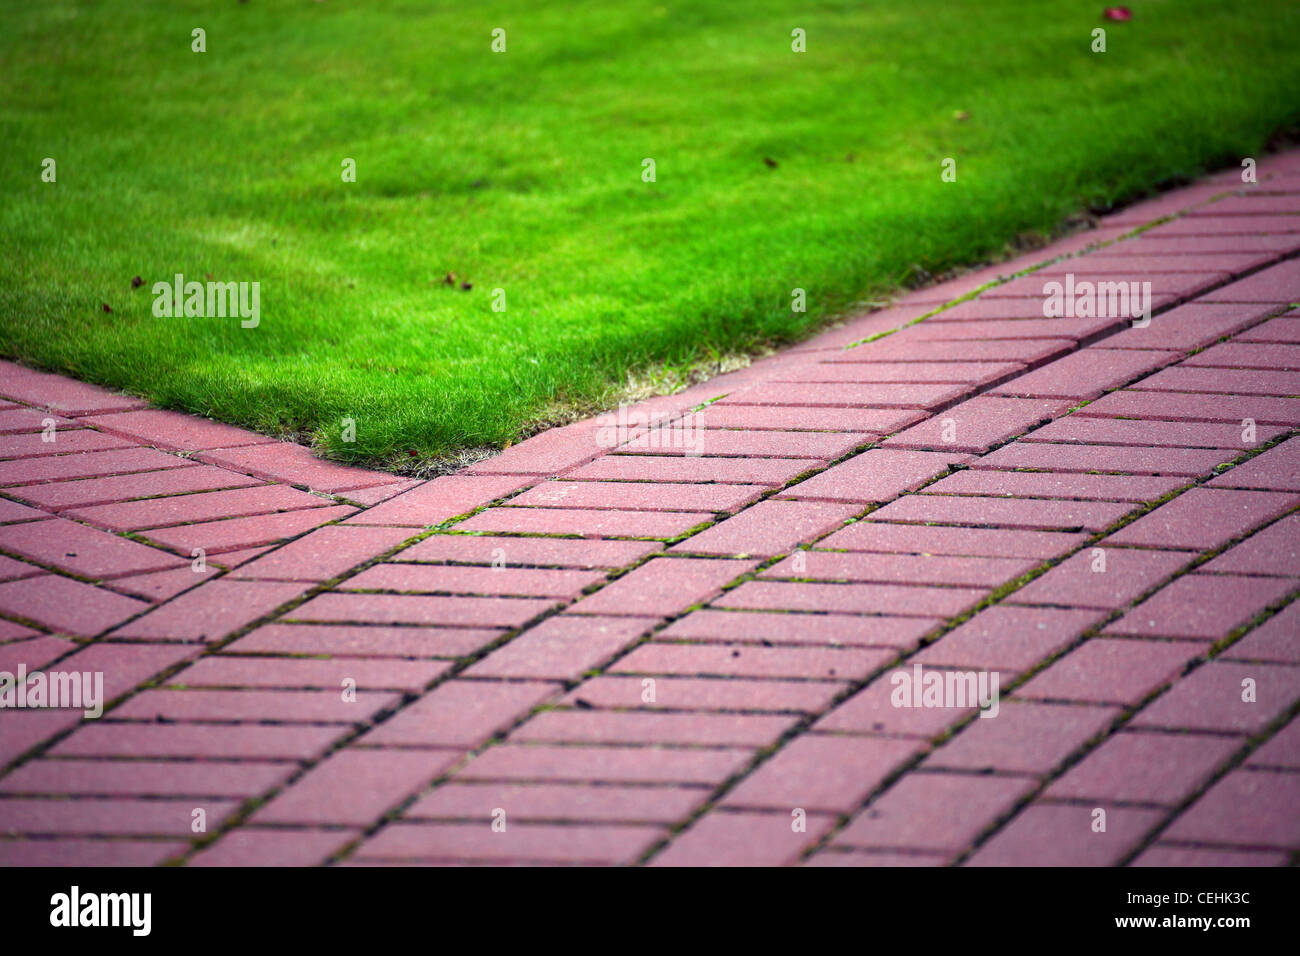 Piastrelle giardino batti piastrelle per pavimenti giardino e fai